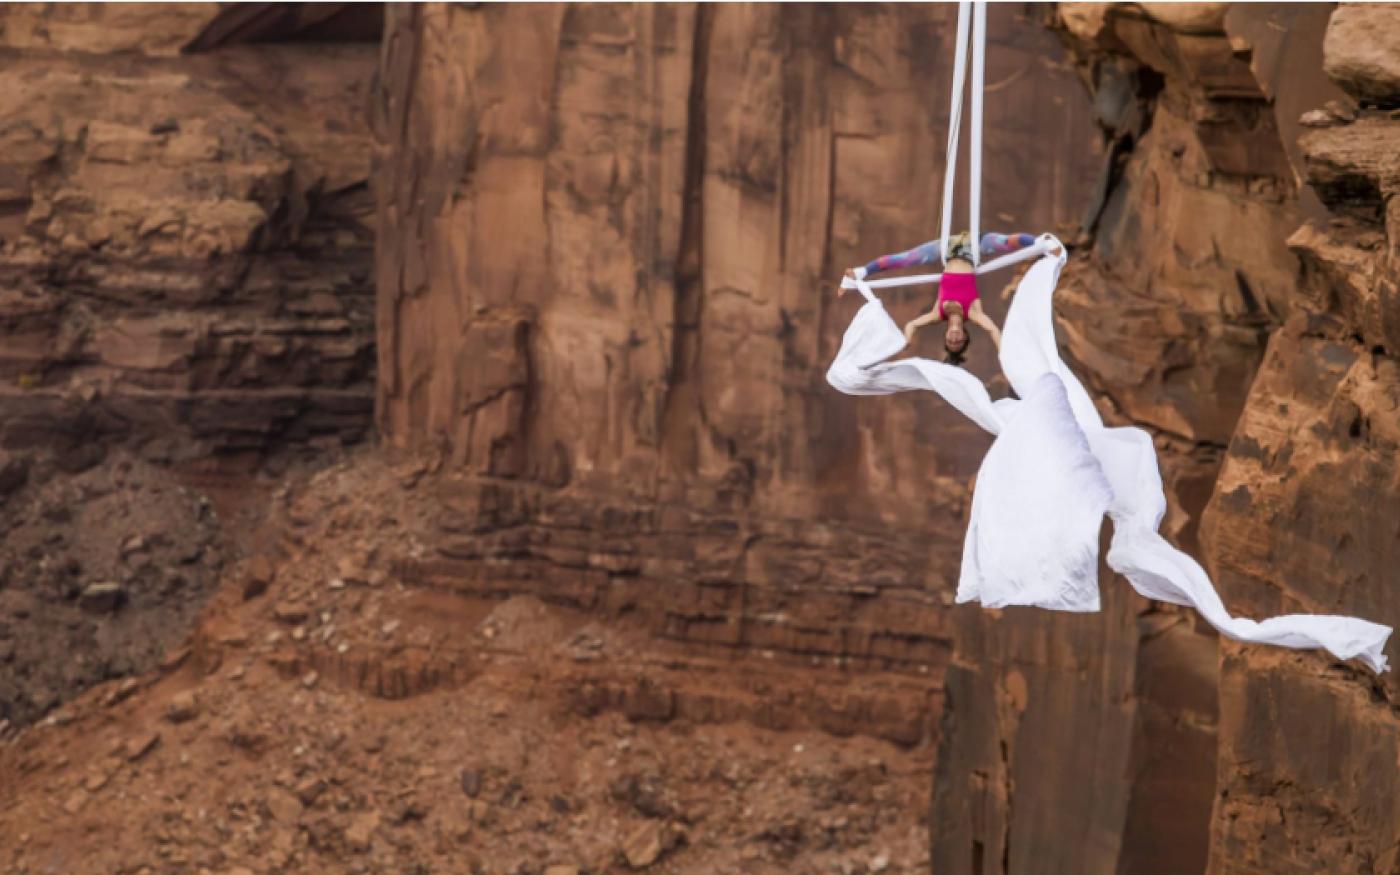 Φωτογραφία ημέρας: Ακροβάτισσα  κρέμεται ανάποδα από βράχια στην Γιούτα των ΗΠΑ - Photo: AGORA /SWNS.COM - Κυρίως Φωτογραφία - Gallery - Video